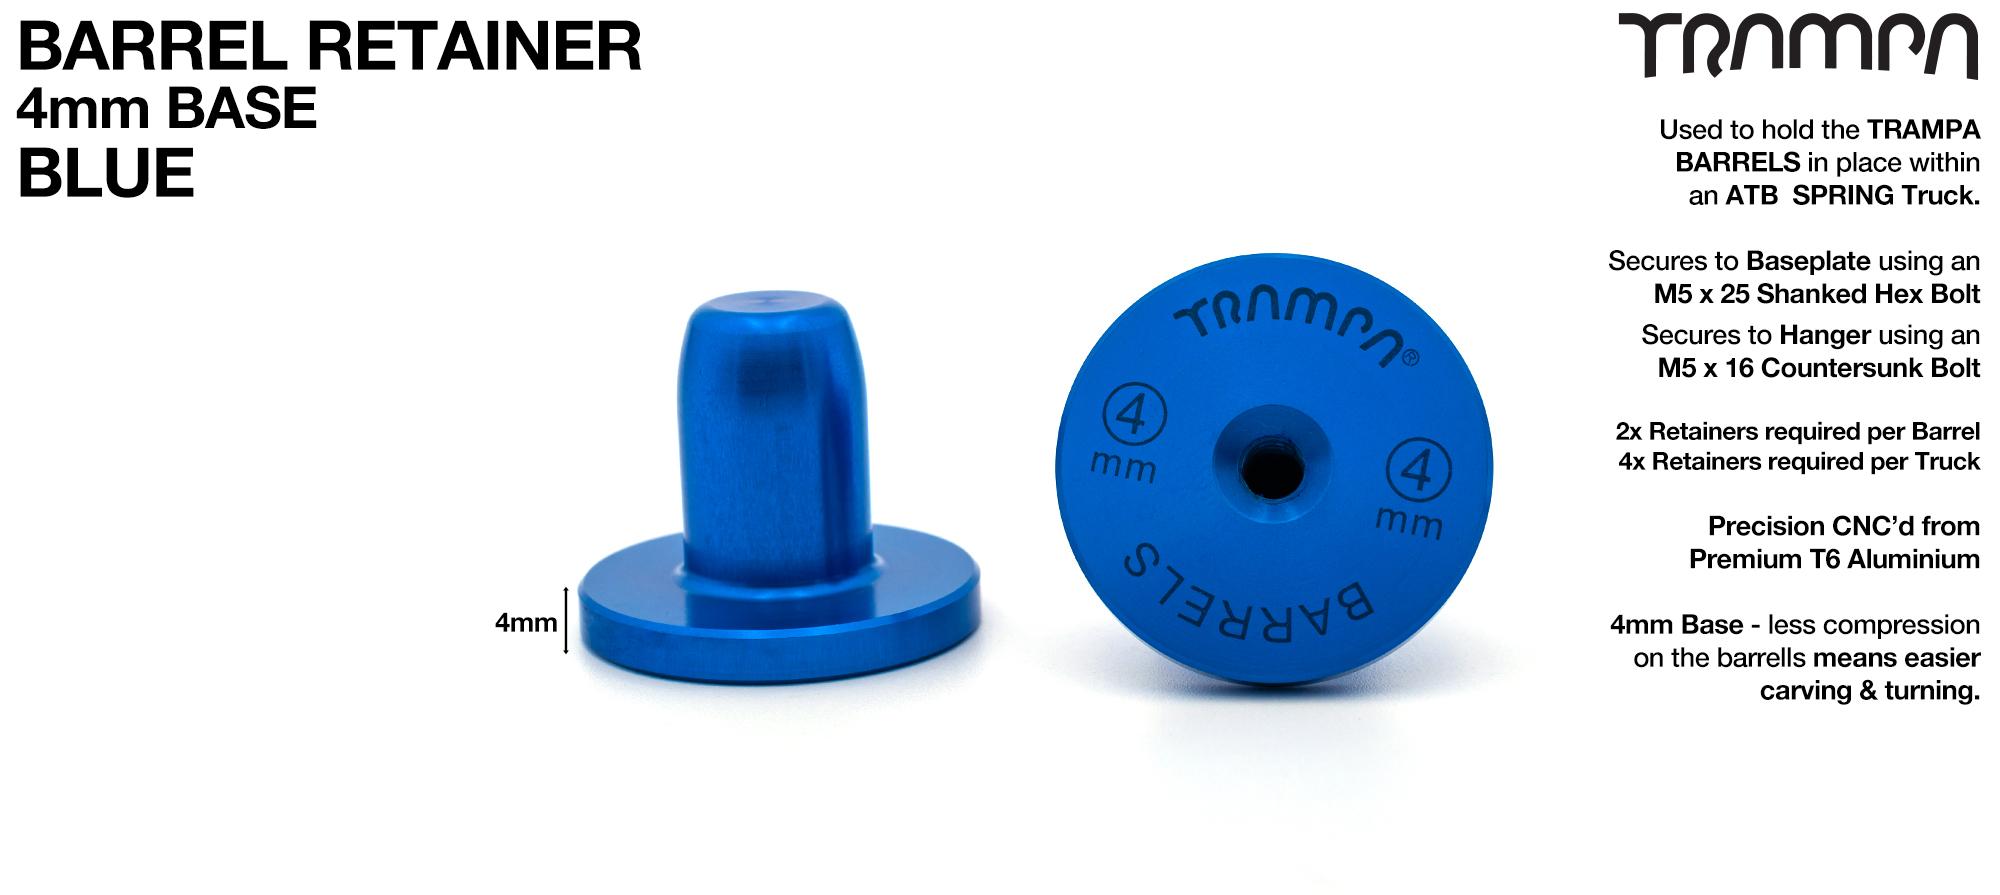 BARRELS Retainer 4mm BASE - BLUE